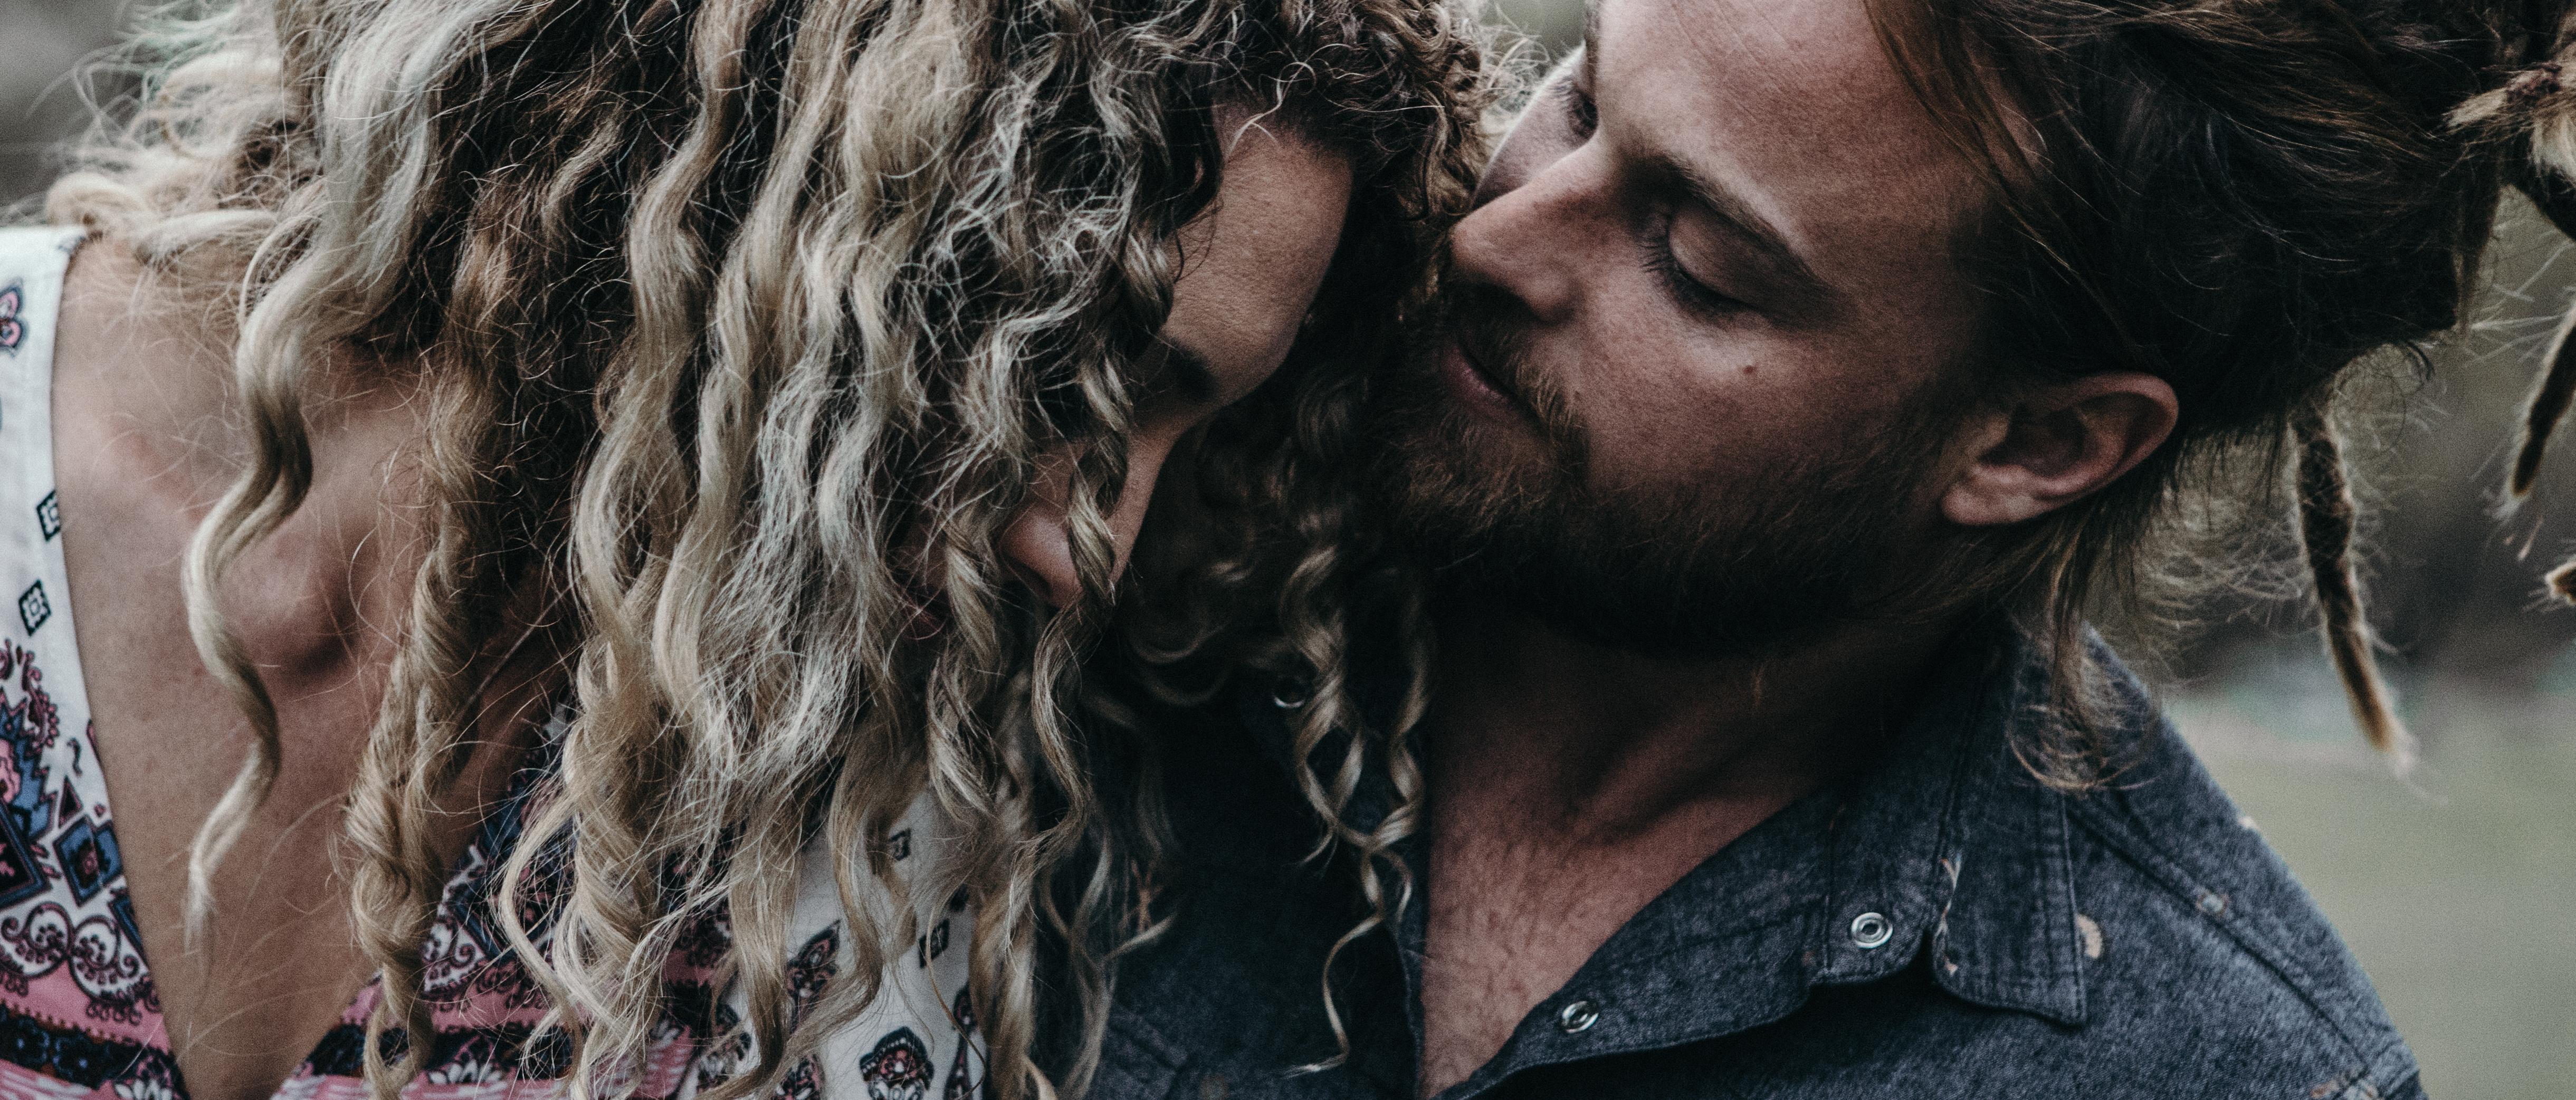 Tahlia + Damon Joel | Wodonga, Australia | Family Home